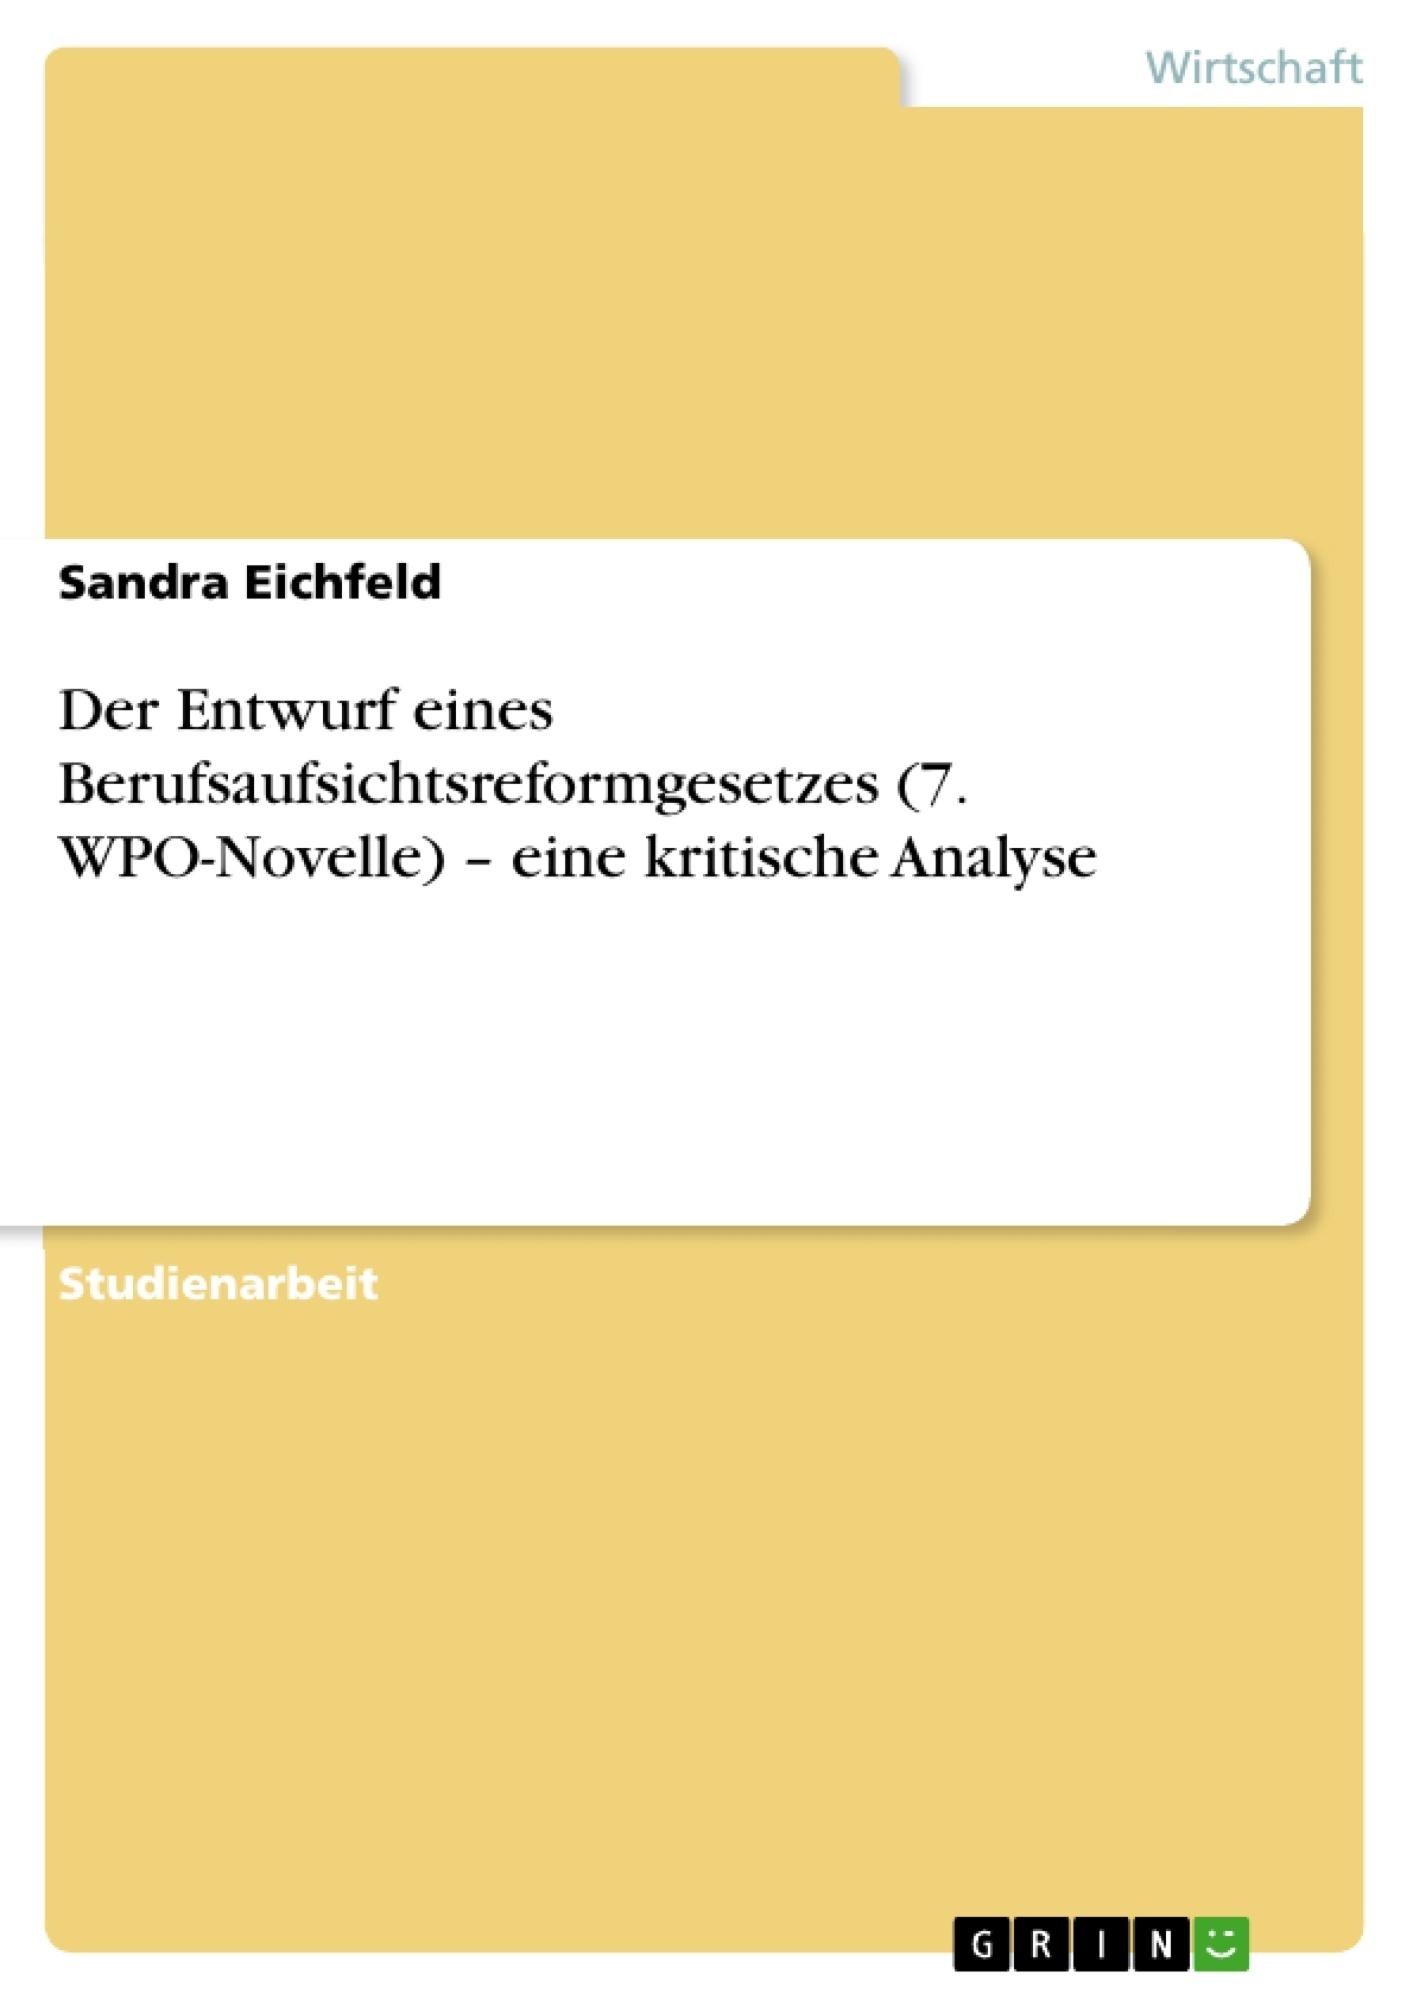 Titel: Der Entwurf eines Berufsaufsichtsreformgesetzes (7. WPO-Novelle) – eine kritische Analyse